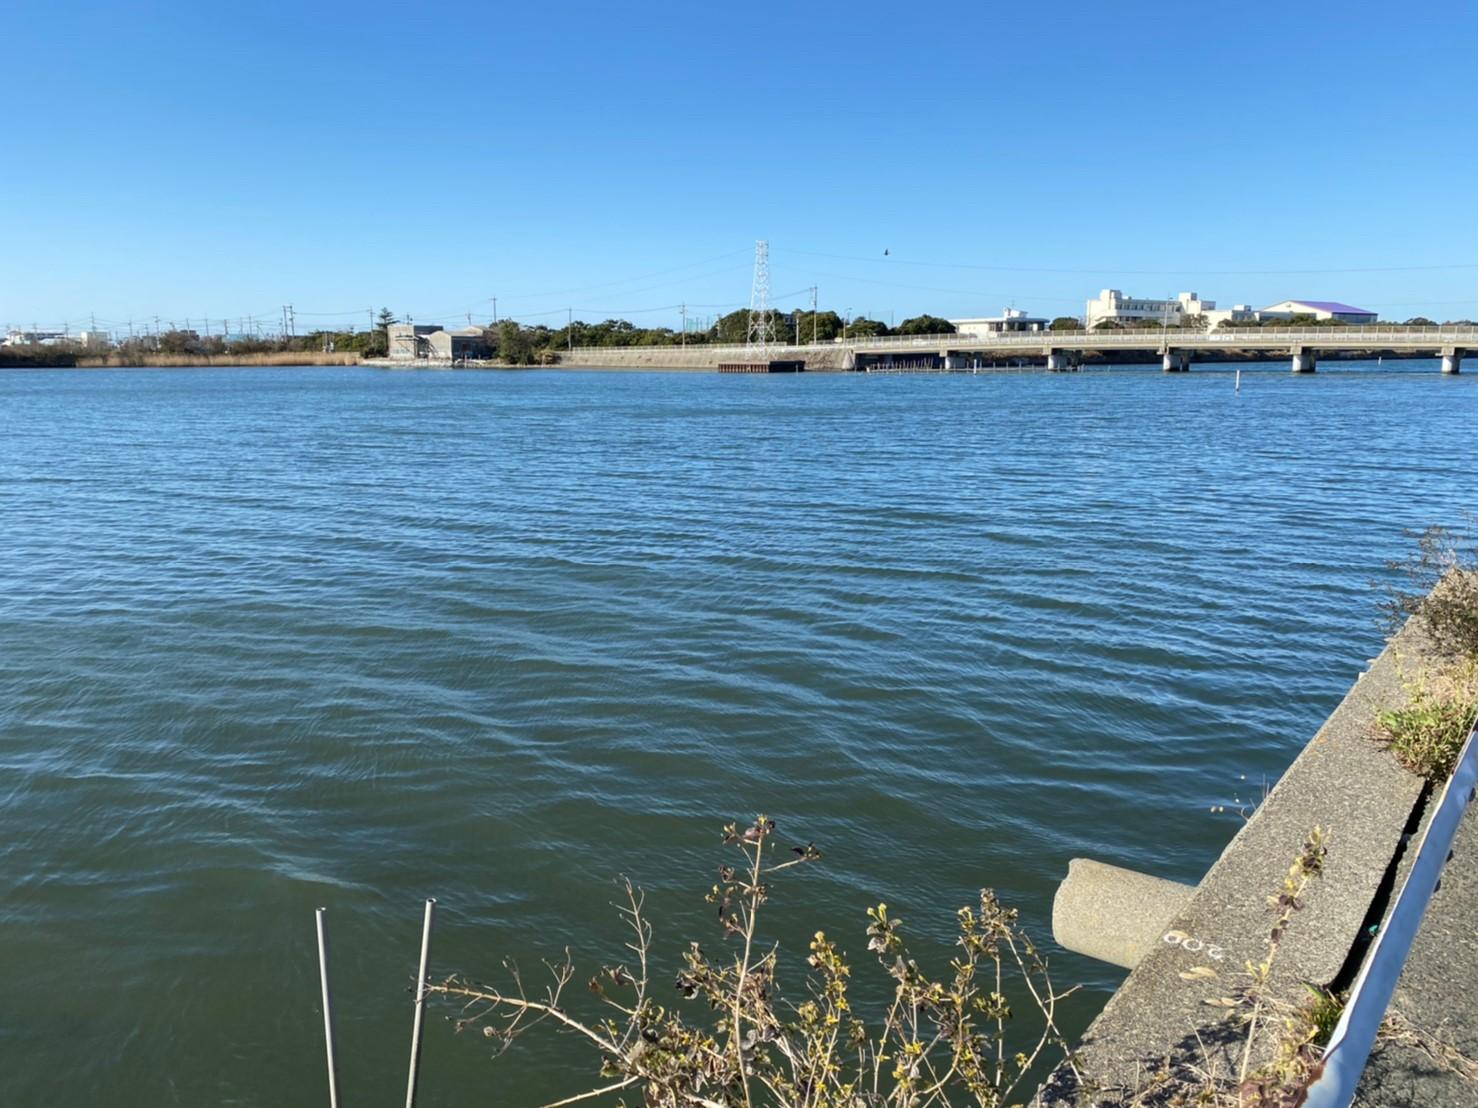 【浜名湖南部】『新川・宇布見橋周辺』の釣り場ガイド